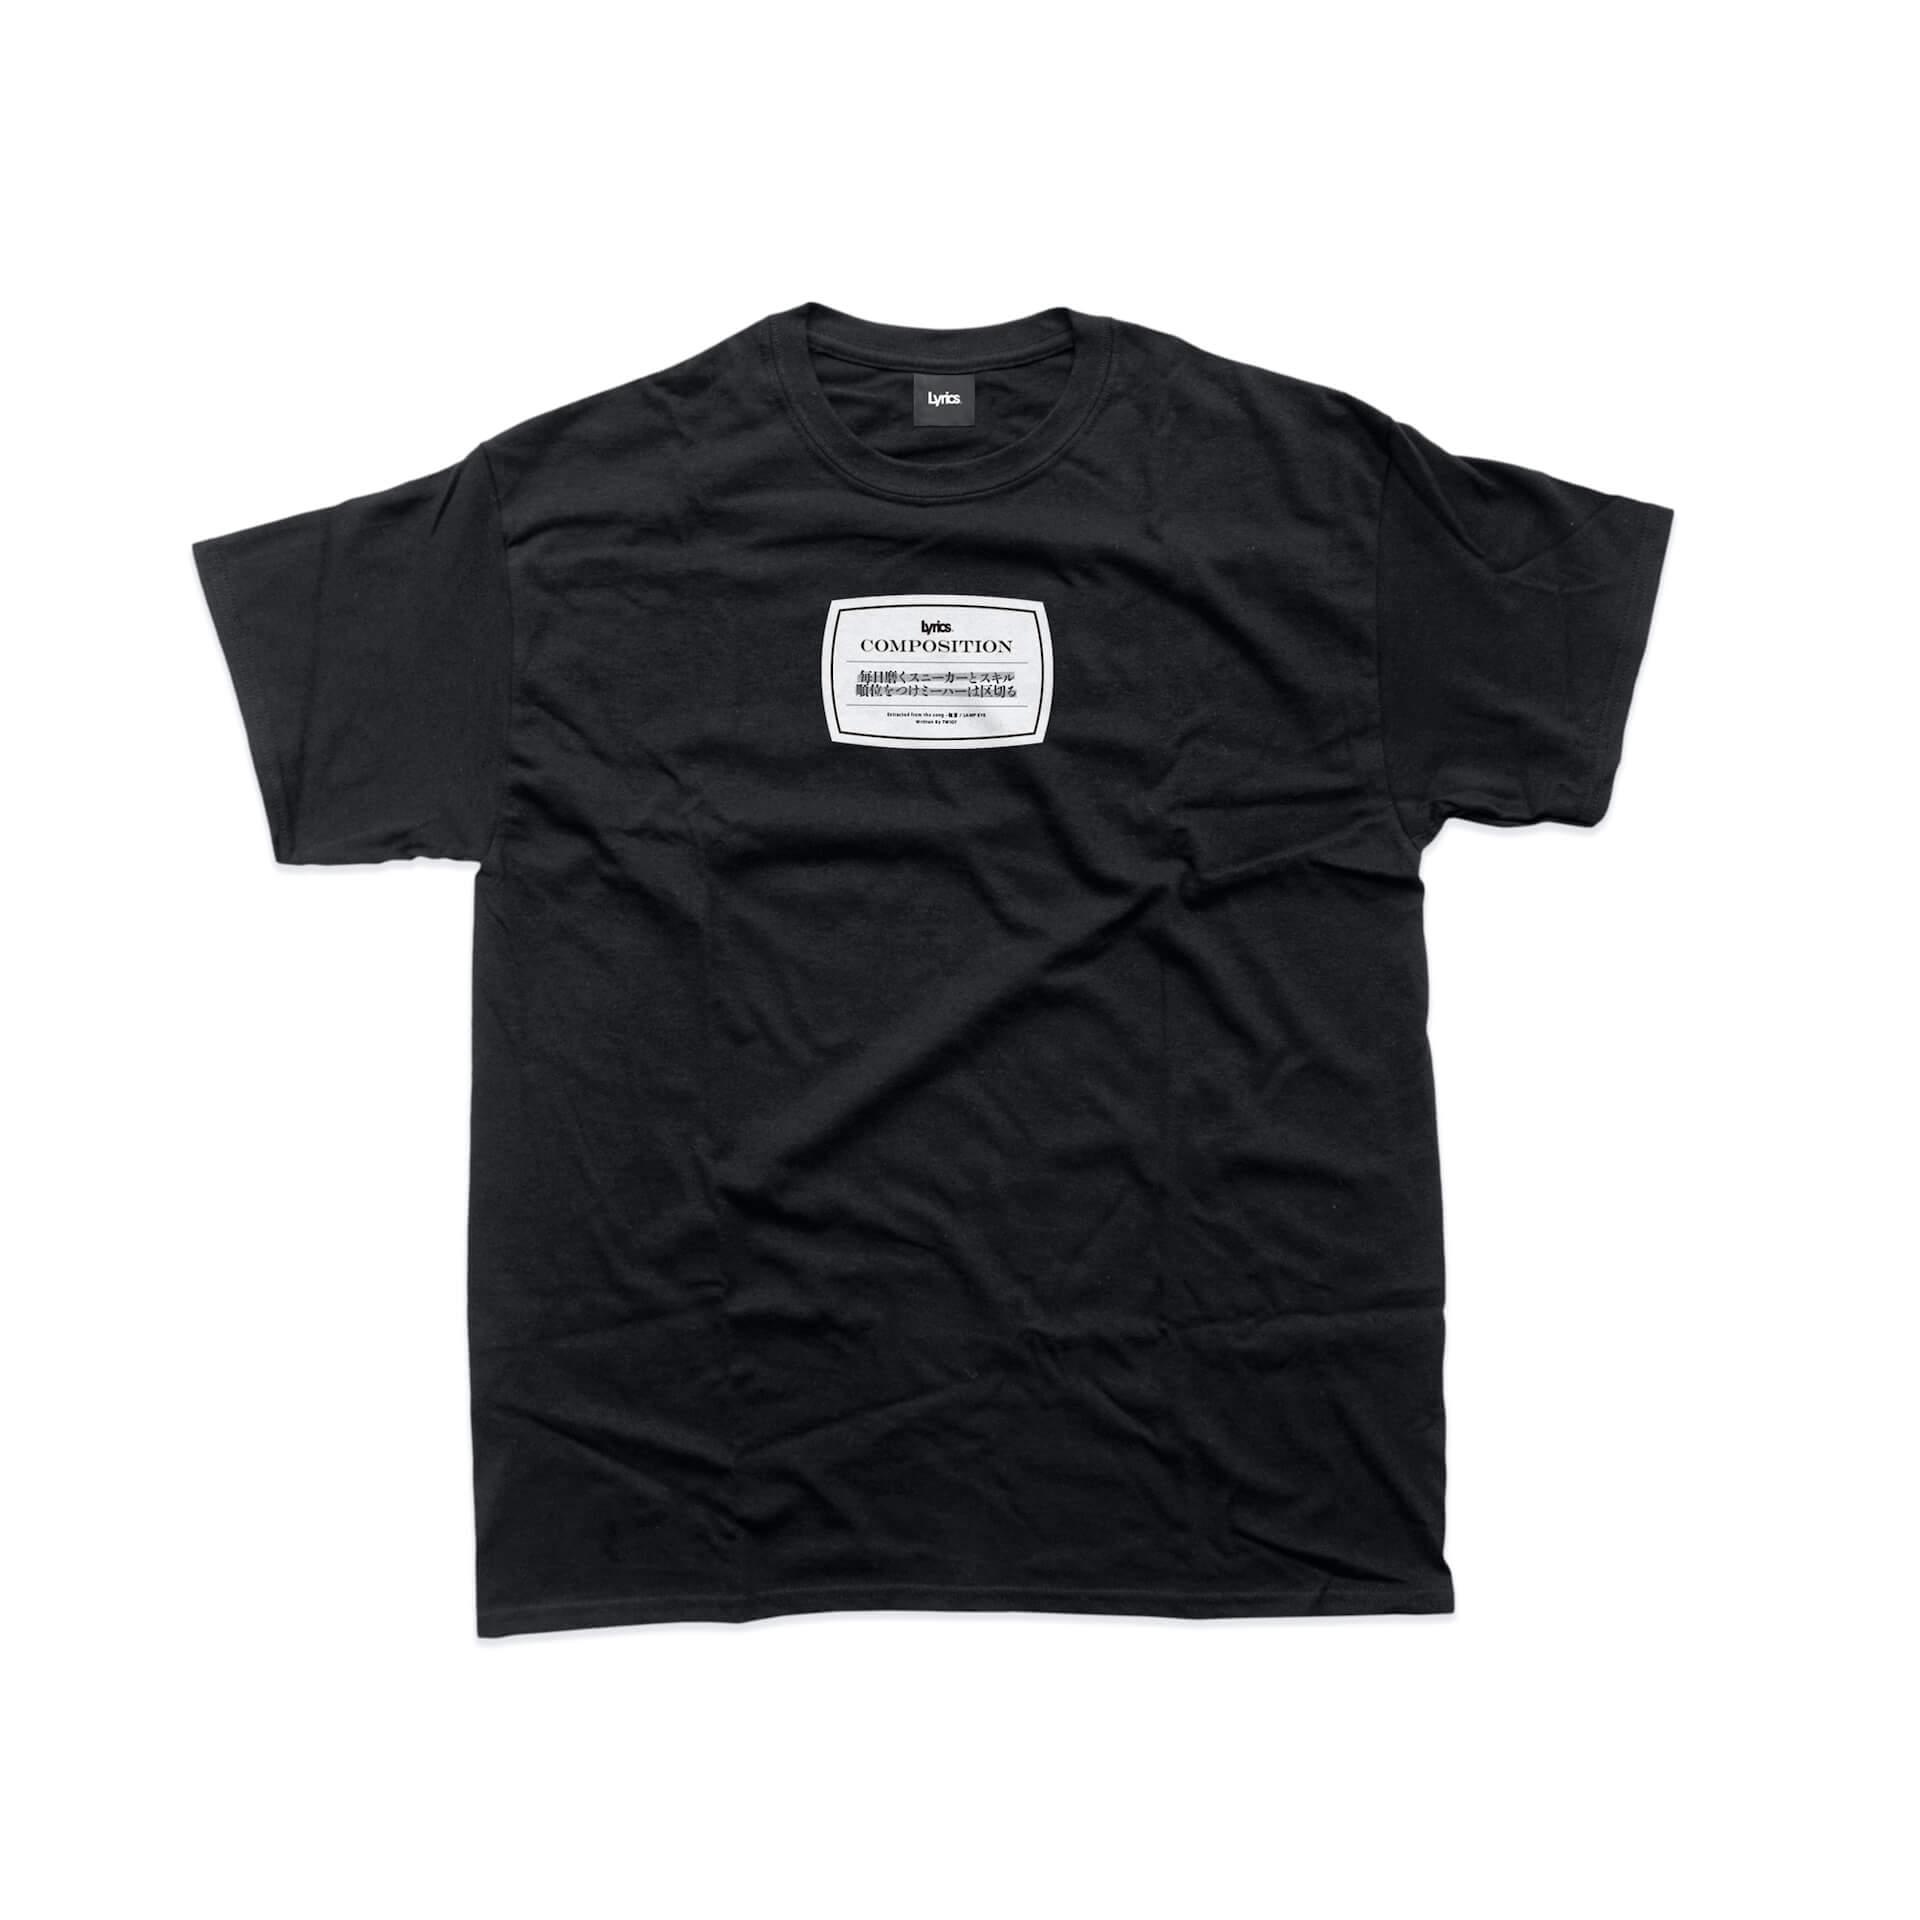 Zeebra、NIPPS、TWIGYのパンチラインがアパレルに!?リリックをデザインに落とし込んだアパレルブランド『Lyrics』が登場! Fashion210608_LYRICS-tshirt10